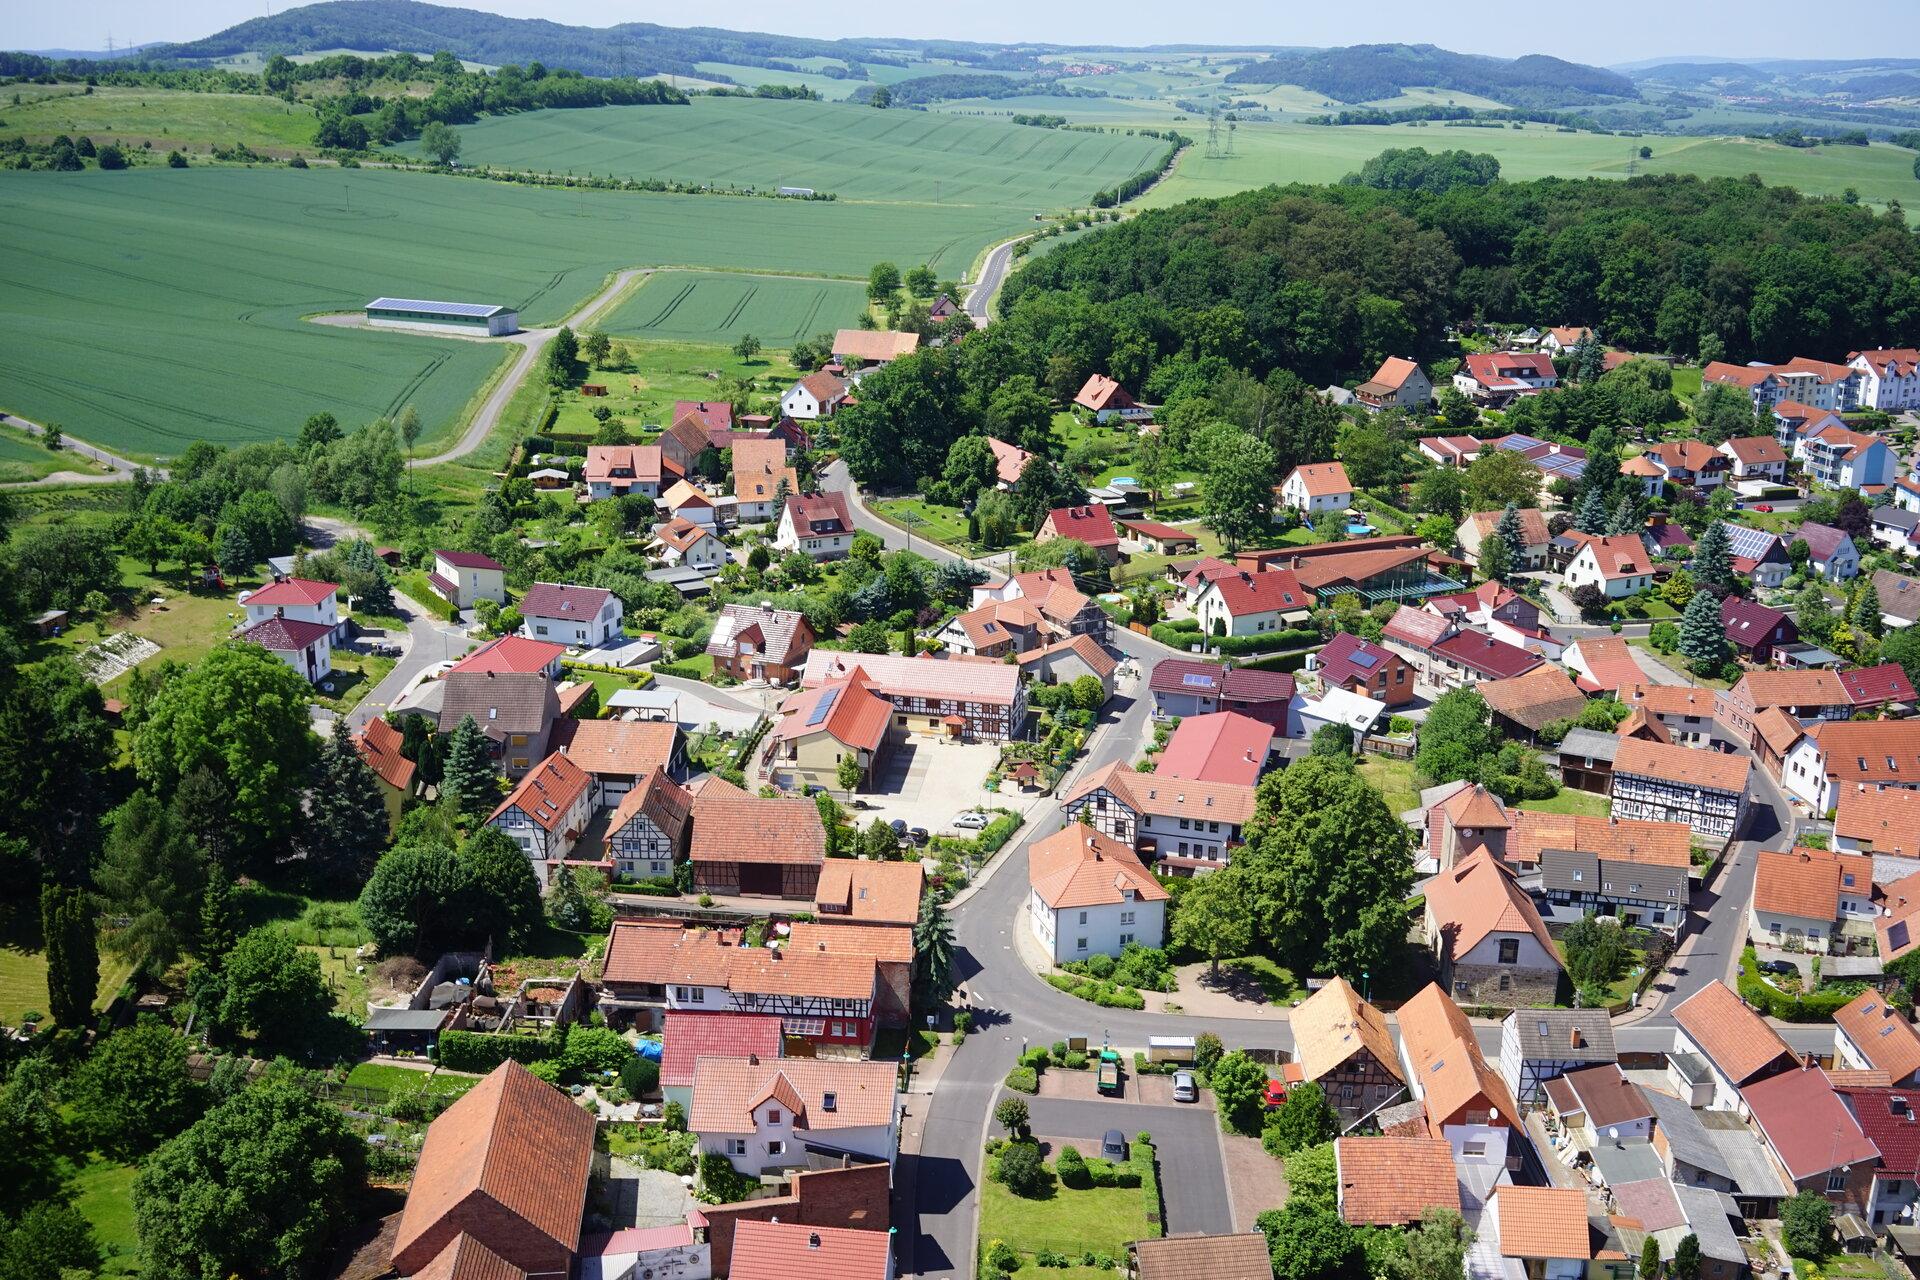 Krauthausen